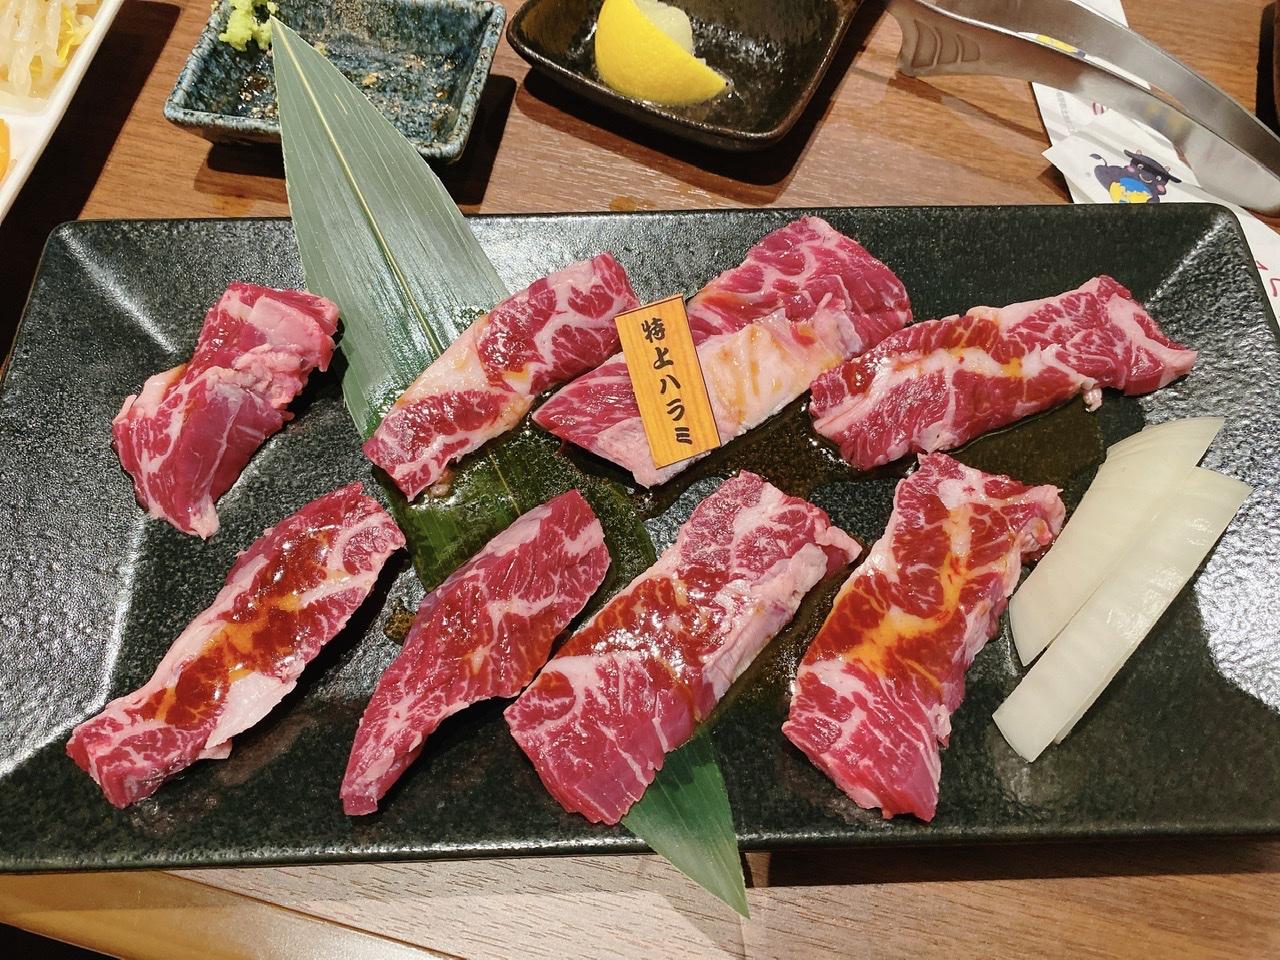 【徳島グルメ】地球儀の上に立つ黒牛が目印!とにかく美味しい焼肉を食べるならココ♡_5